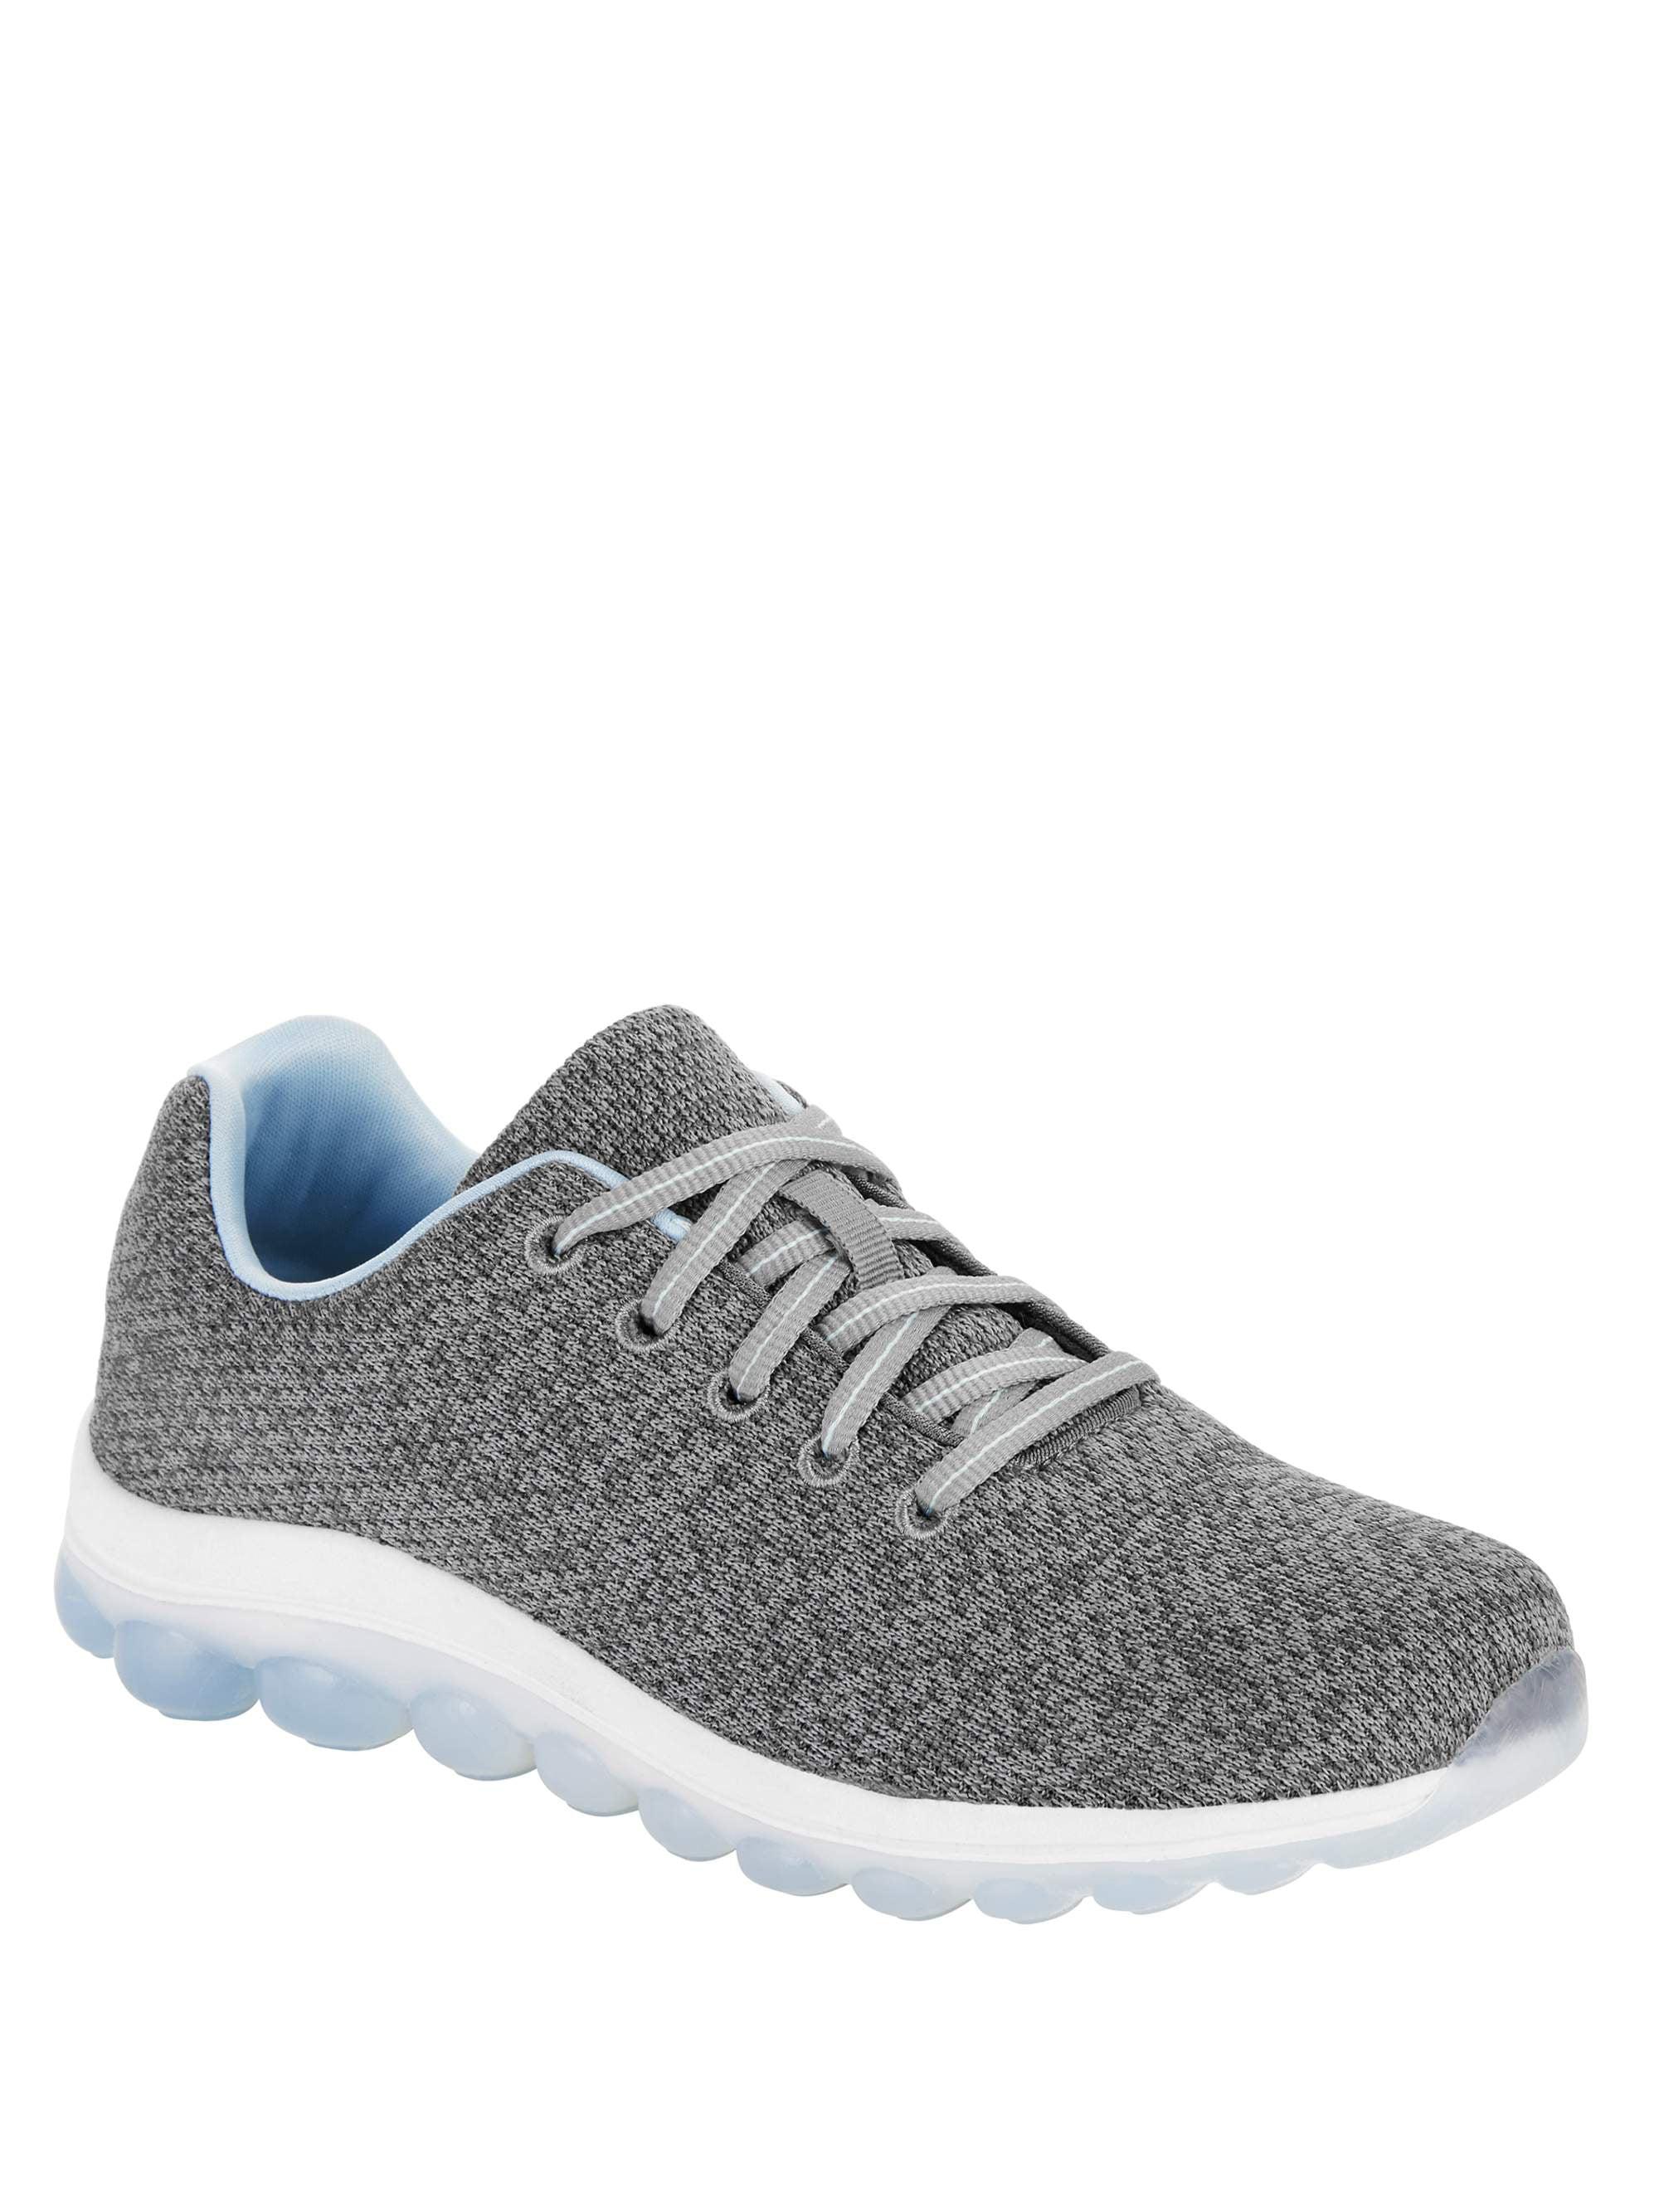 avia sneakers at walmart